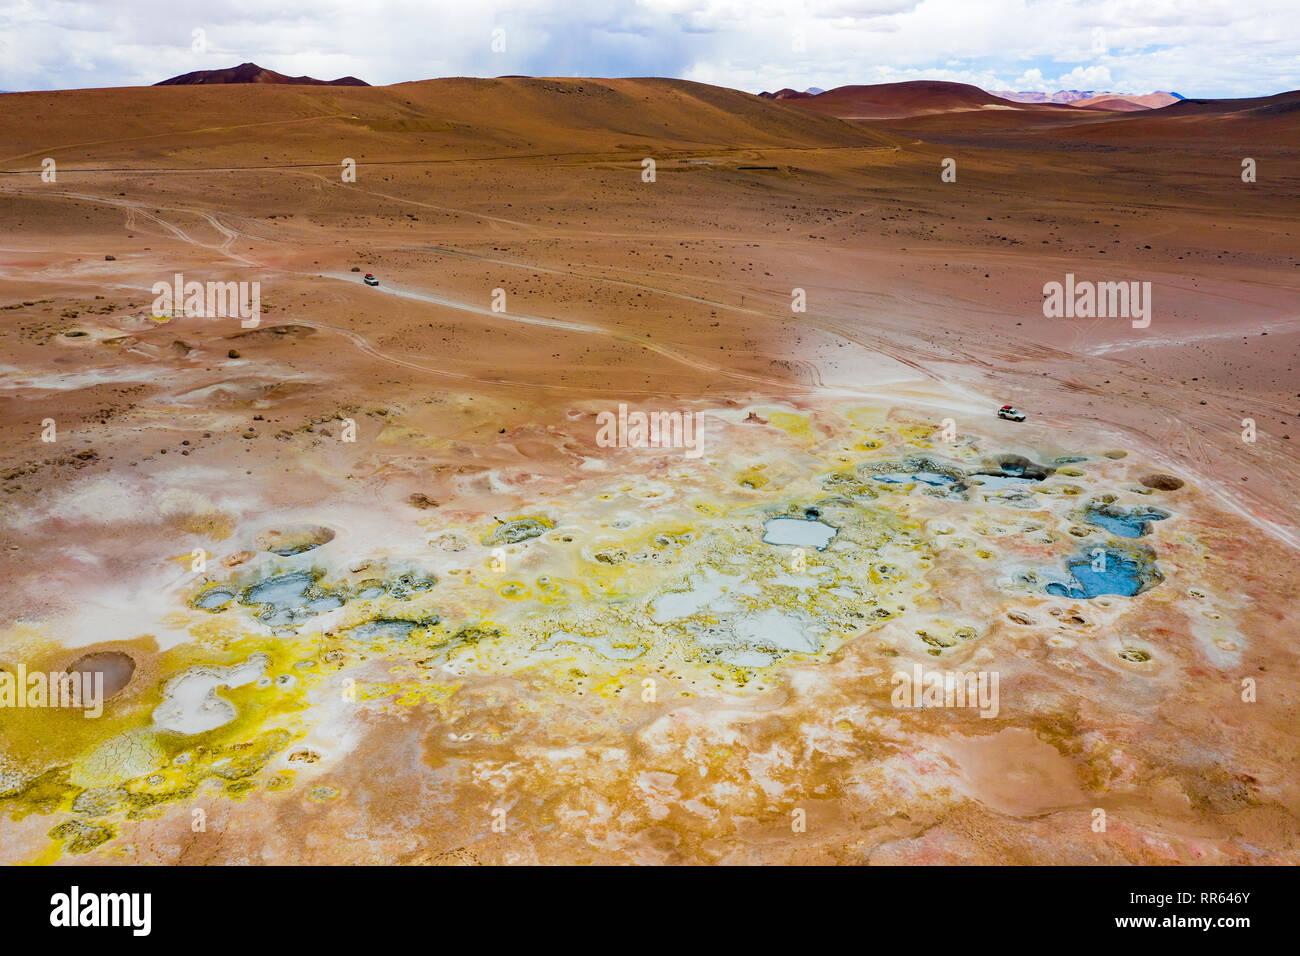 Luftaufnahme, bunte Schlammloecher des Geothermalgebiets Sol de Mañana in Potosi, Bolivien aus der Luft fotografiert Stockbild